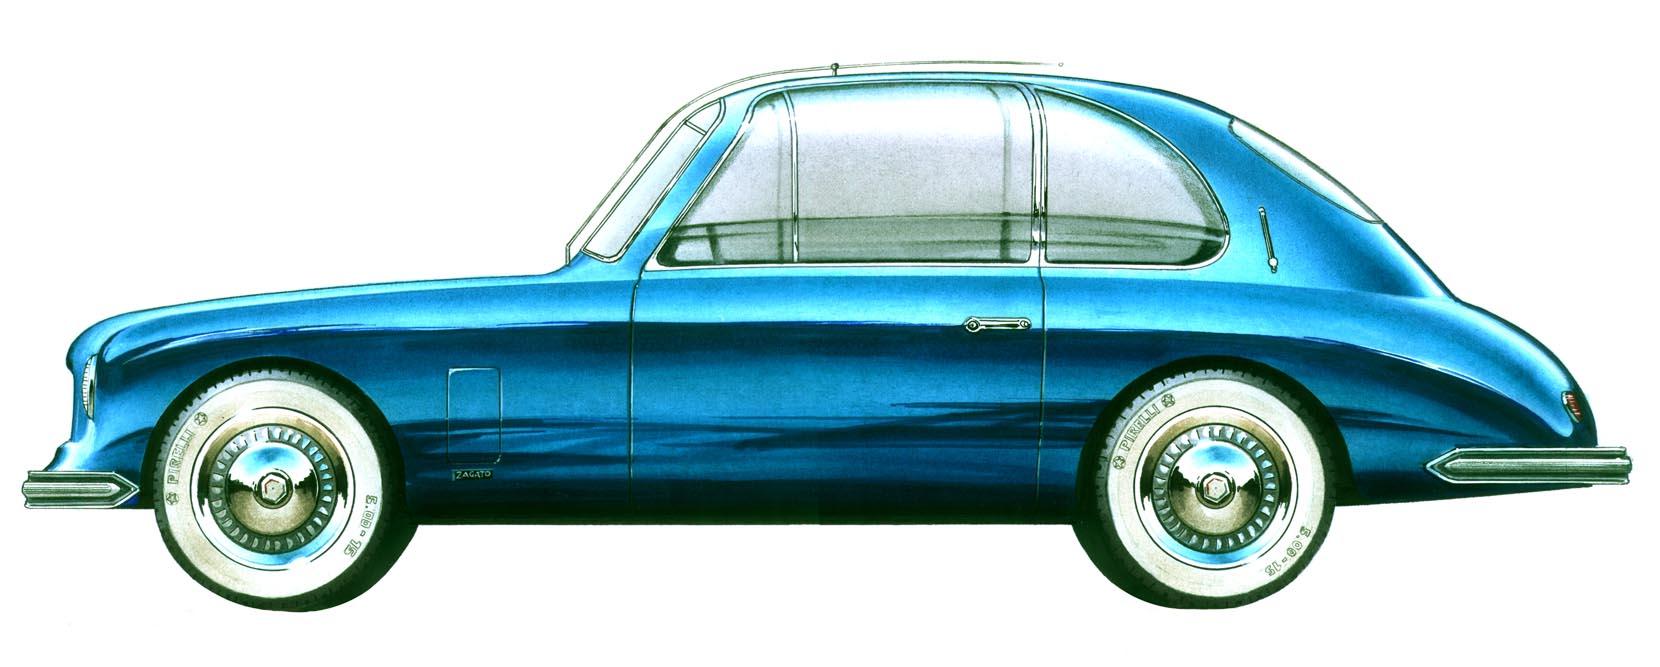 1947 Fiat 1100 Panoramica